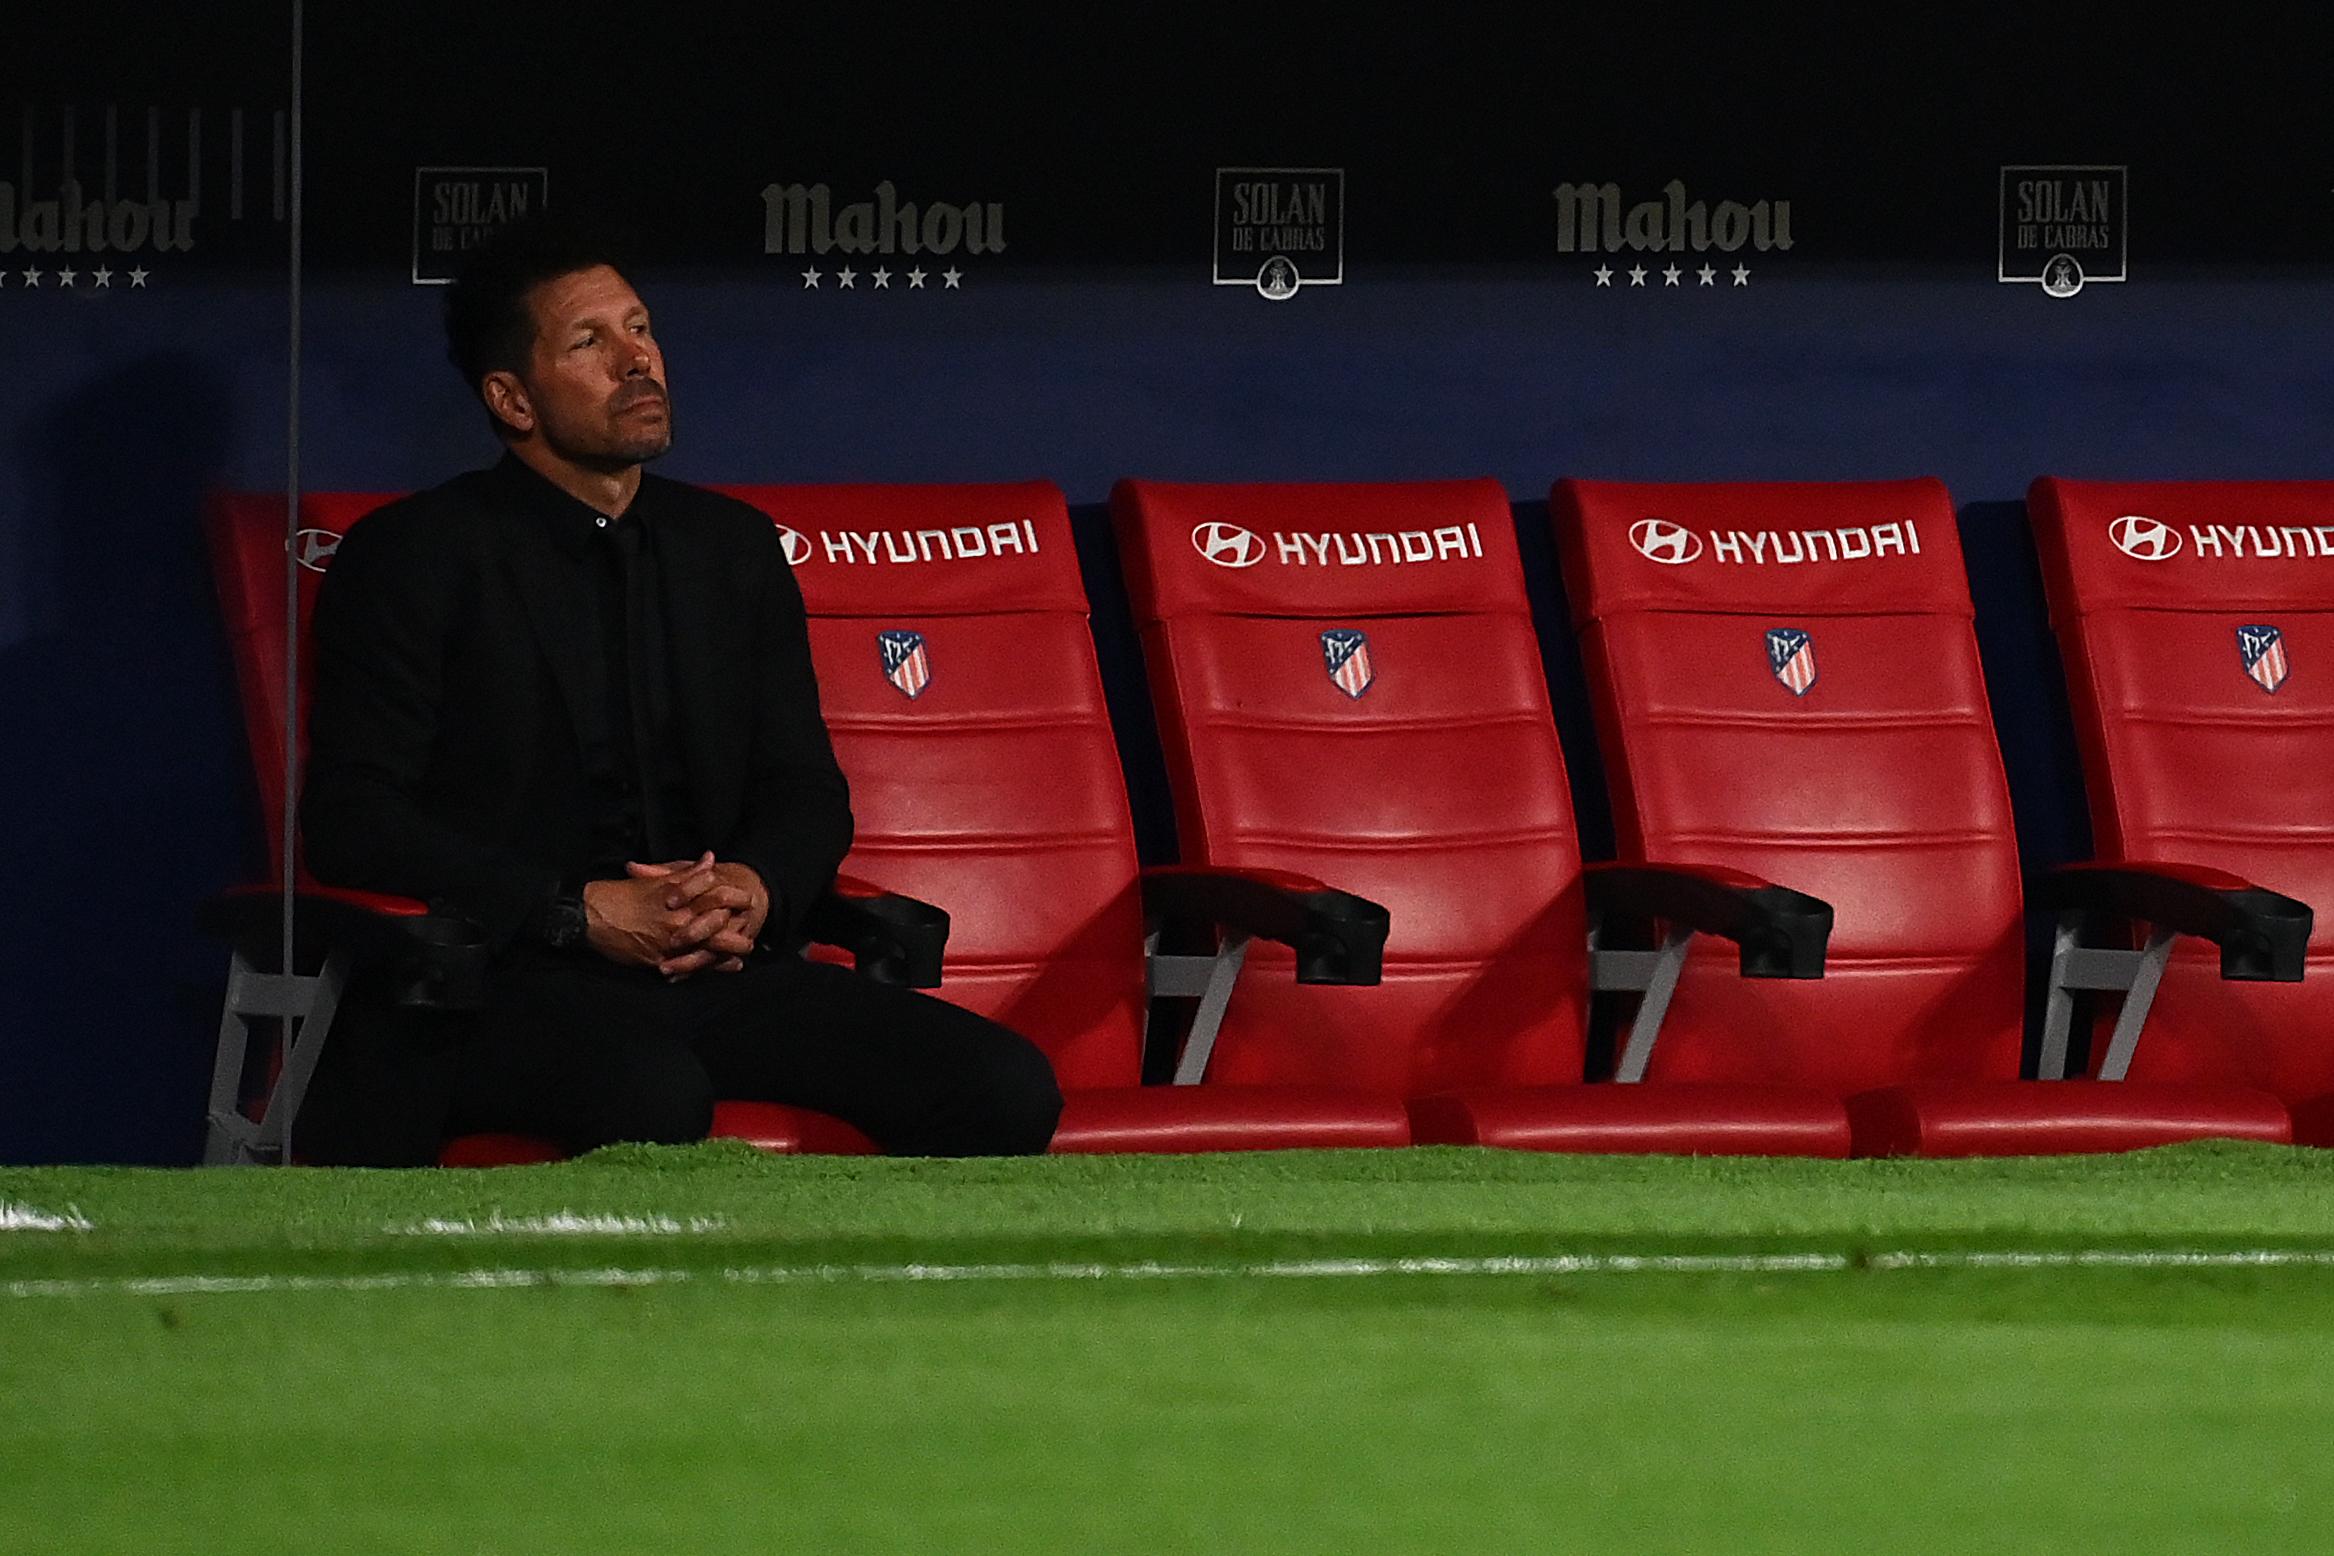 Fichajes: Simeone señala su descarte y el Atlético recibirá 15M